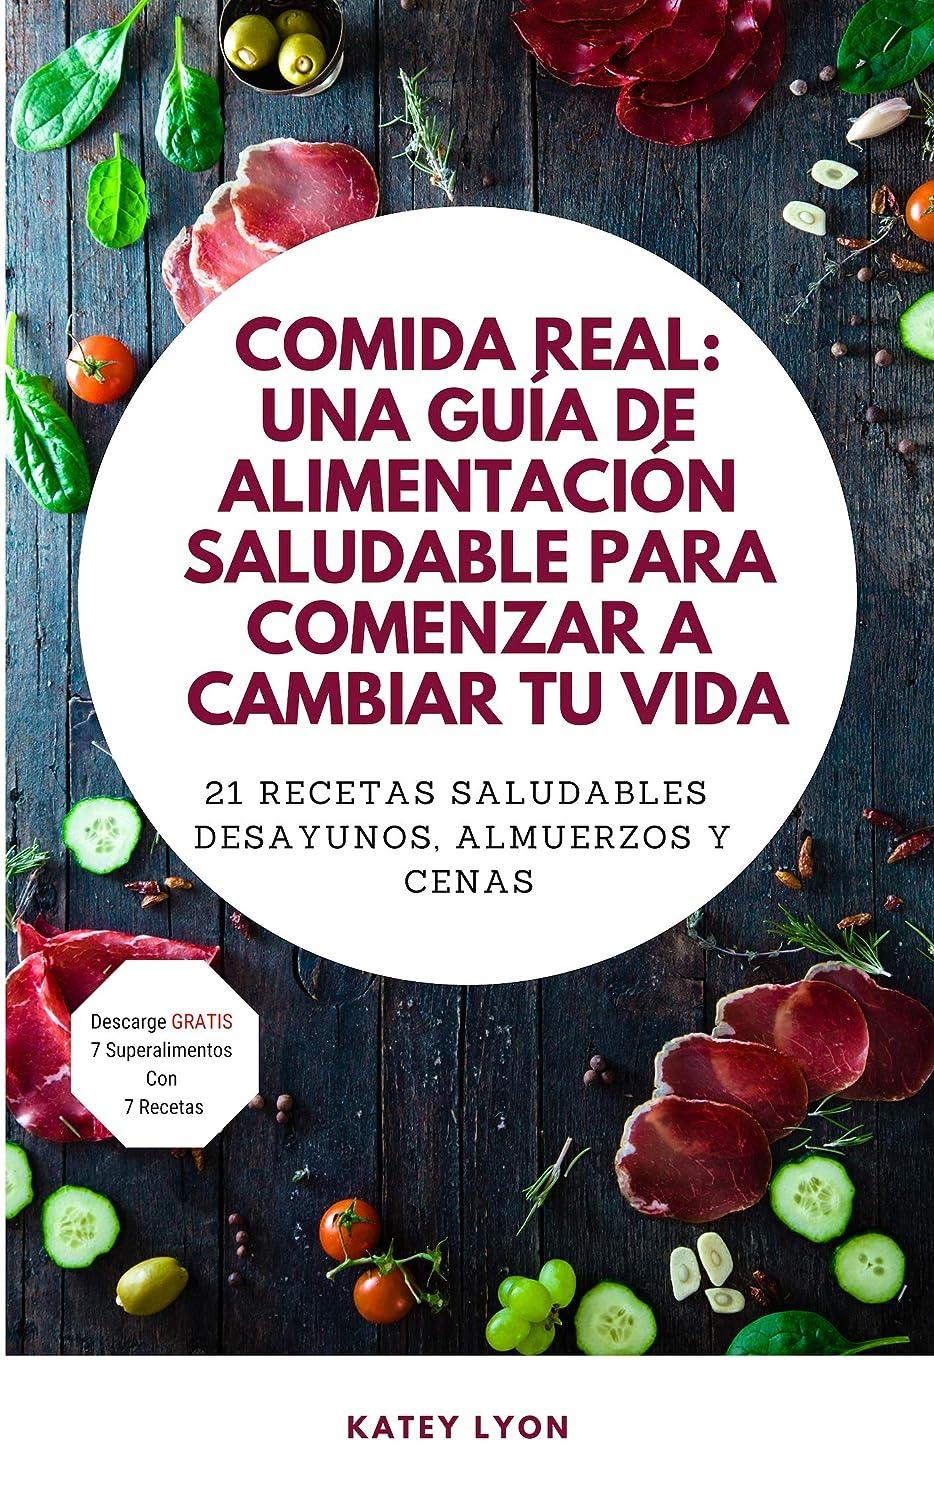 Comida Real: Una Guía De Alimentación Saludable Para Comenzar A Cambiar Tu Vida: 21 Recetas Saludables:Desayunos, Almuerzos y Cenas (Spanish Edition)